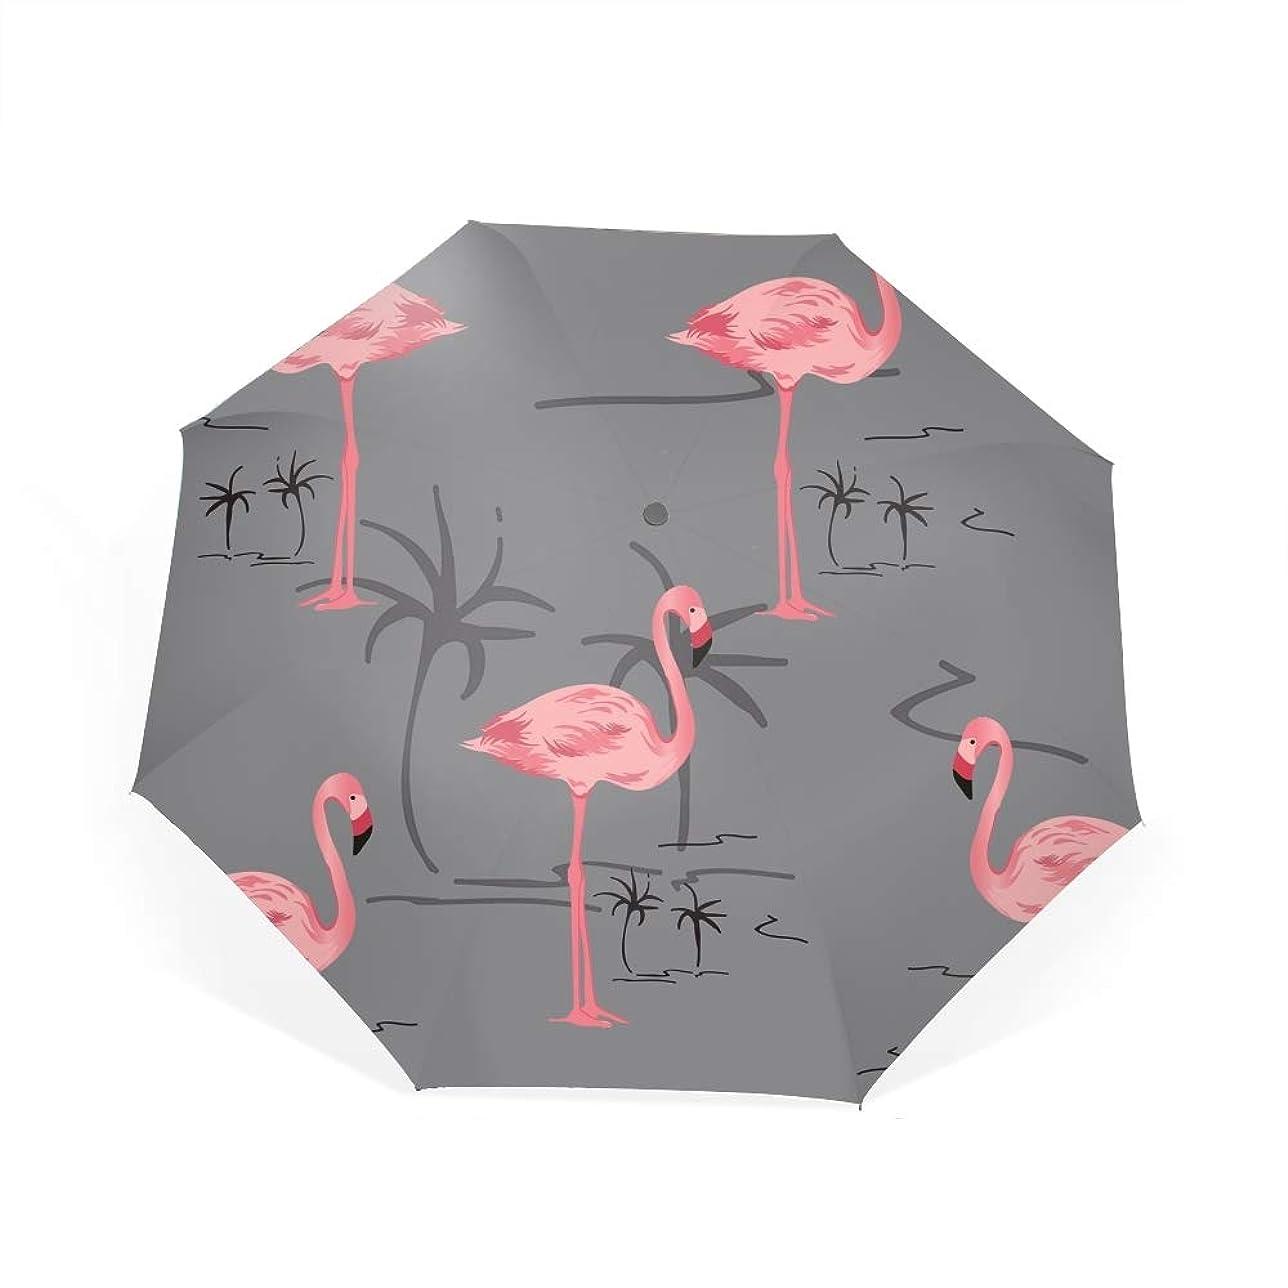 拒絶与える原稿ピンクのフラミンゴ自動開閉折り畳み傘 2重構造 耐風撥水8本骨 男女兼用 丈夫 大型 大きな傘 梅雨対策 収納ポーチ付き